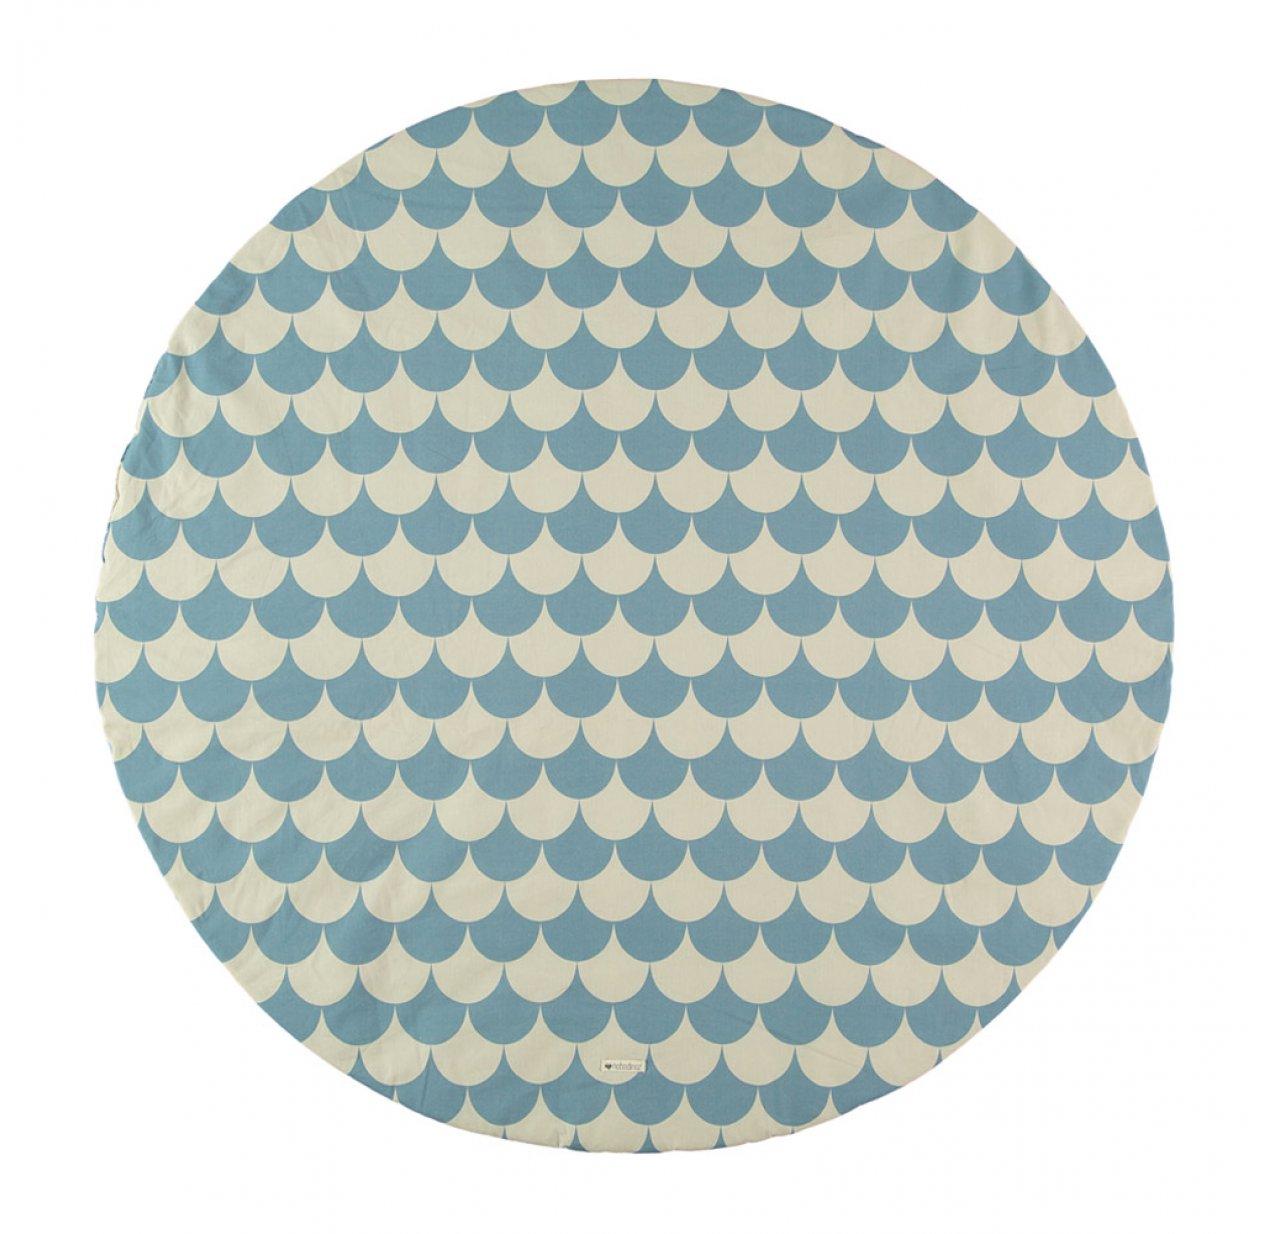 tapis apache pour tipi ecailles bleu nobodinoz pour chambre enfant les enfants du design. Black Bedroom Furniture Sets. Home Design Ideas